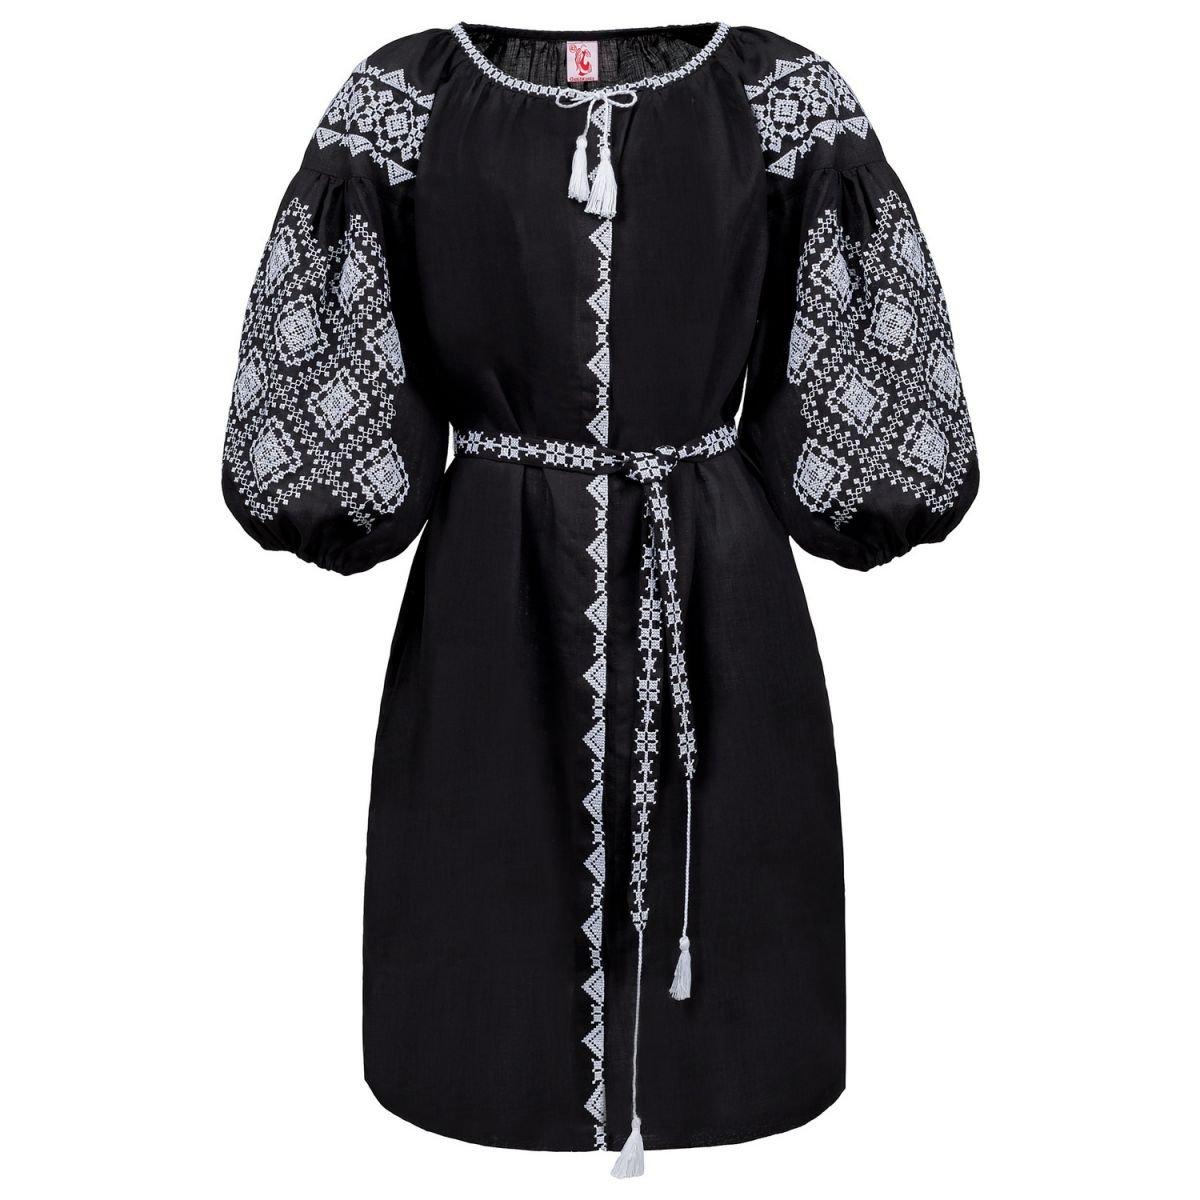 Плаття вишиванка Слобожанка з поясом - Іванна (чорна) 48 98e6d11793116